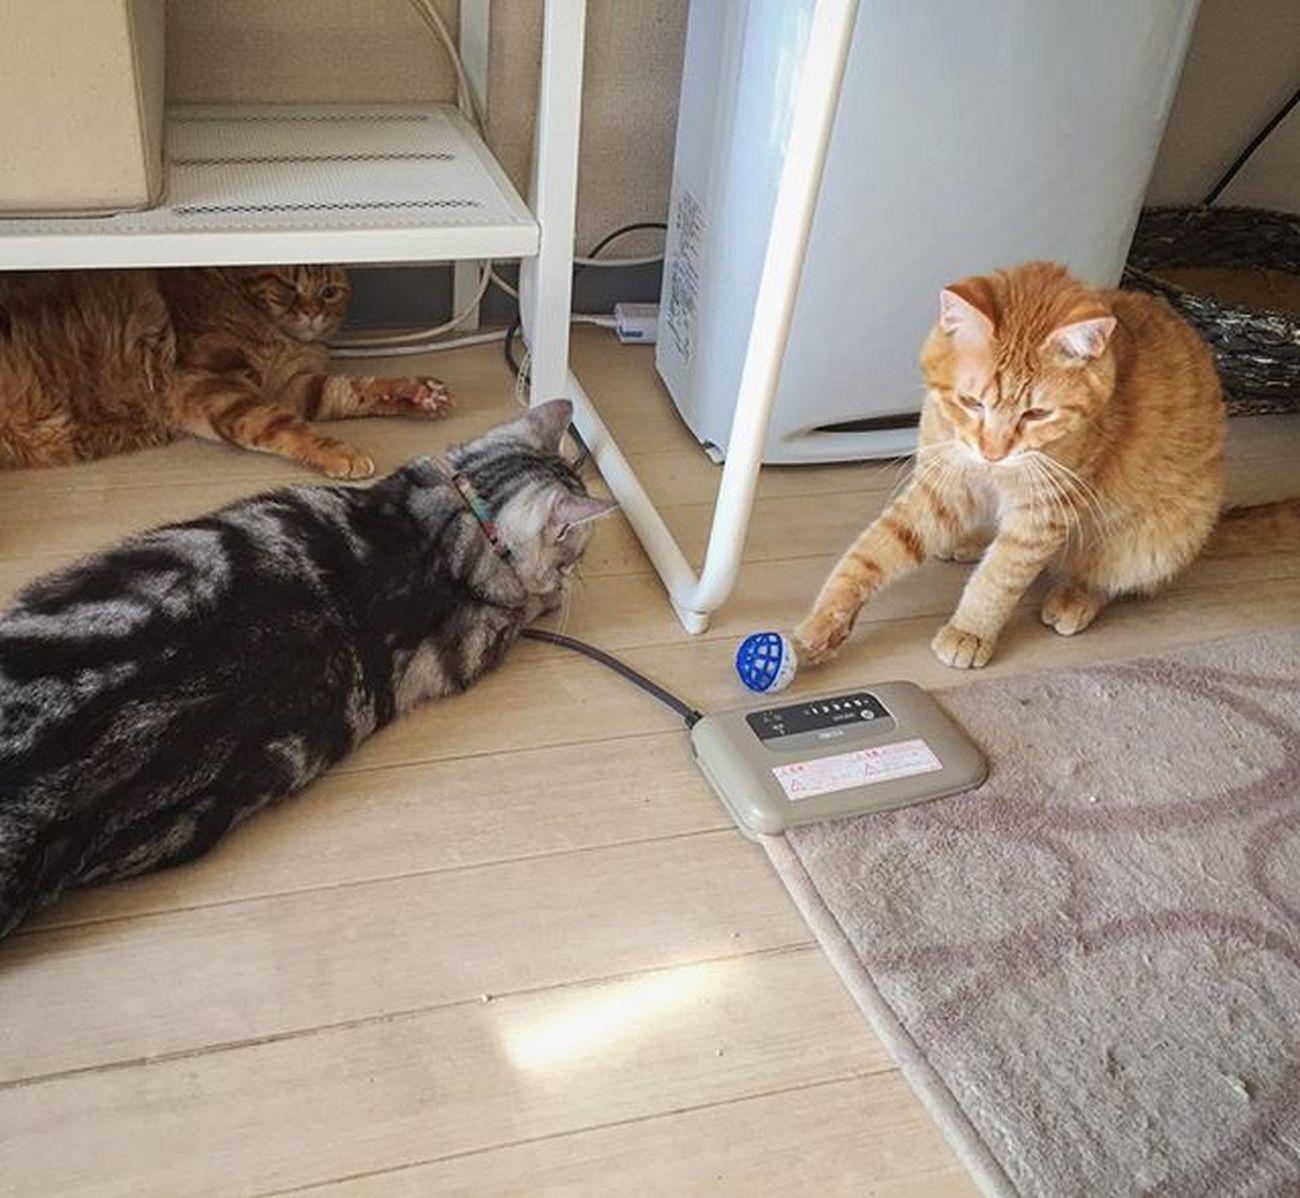 アメリカンショートヘアー アメショ Americanshorthair ズズ ズズ子 Zuzu ズズっぺ シルバータビー Cat Neko ねこ 猫 ねこ Cats スコティッシュフォールド Scottishfold 茶トラ ロロ Lolo コケティッシュフォールド コケティッシュホールド Piopio Pio ピオ オモチャのボールに興味津々の3ニャンでおはようございます…😆😸👏3匹いると誰かが飽きても…また誰かが遊び出して…ほぼエンドレスで追いかけ回してるよ…💦